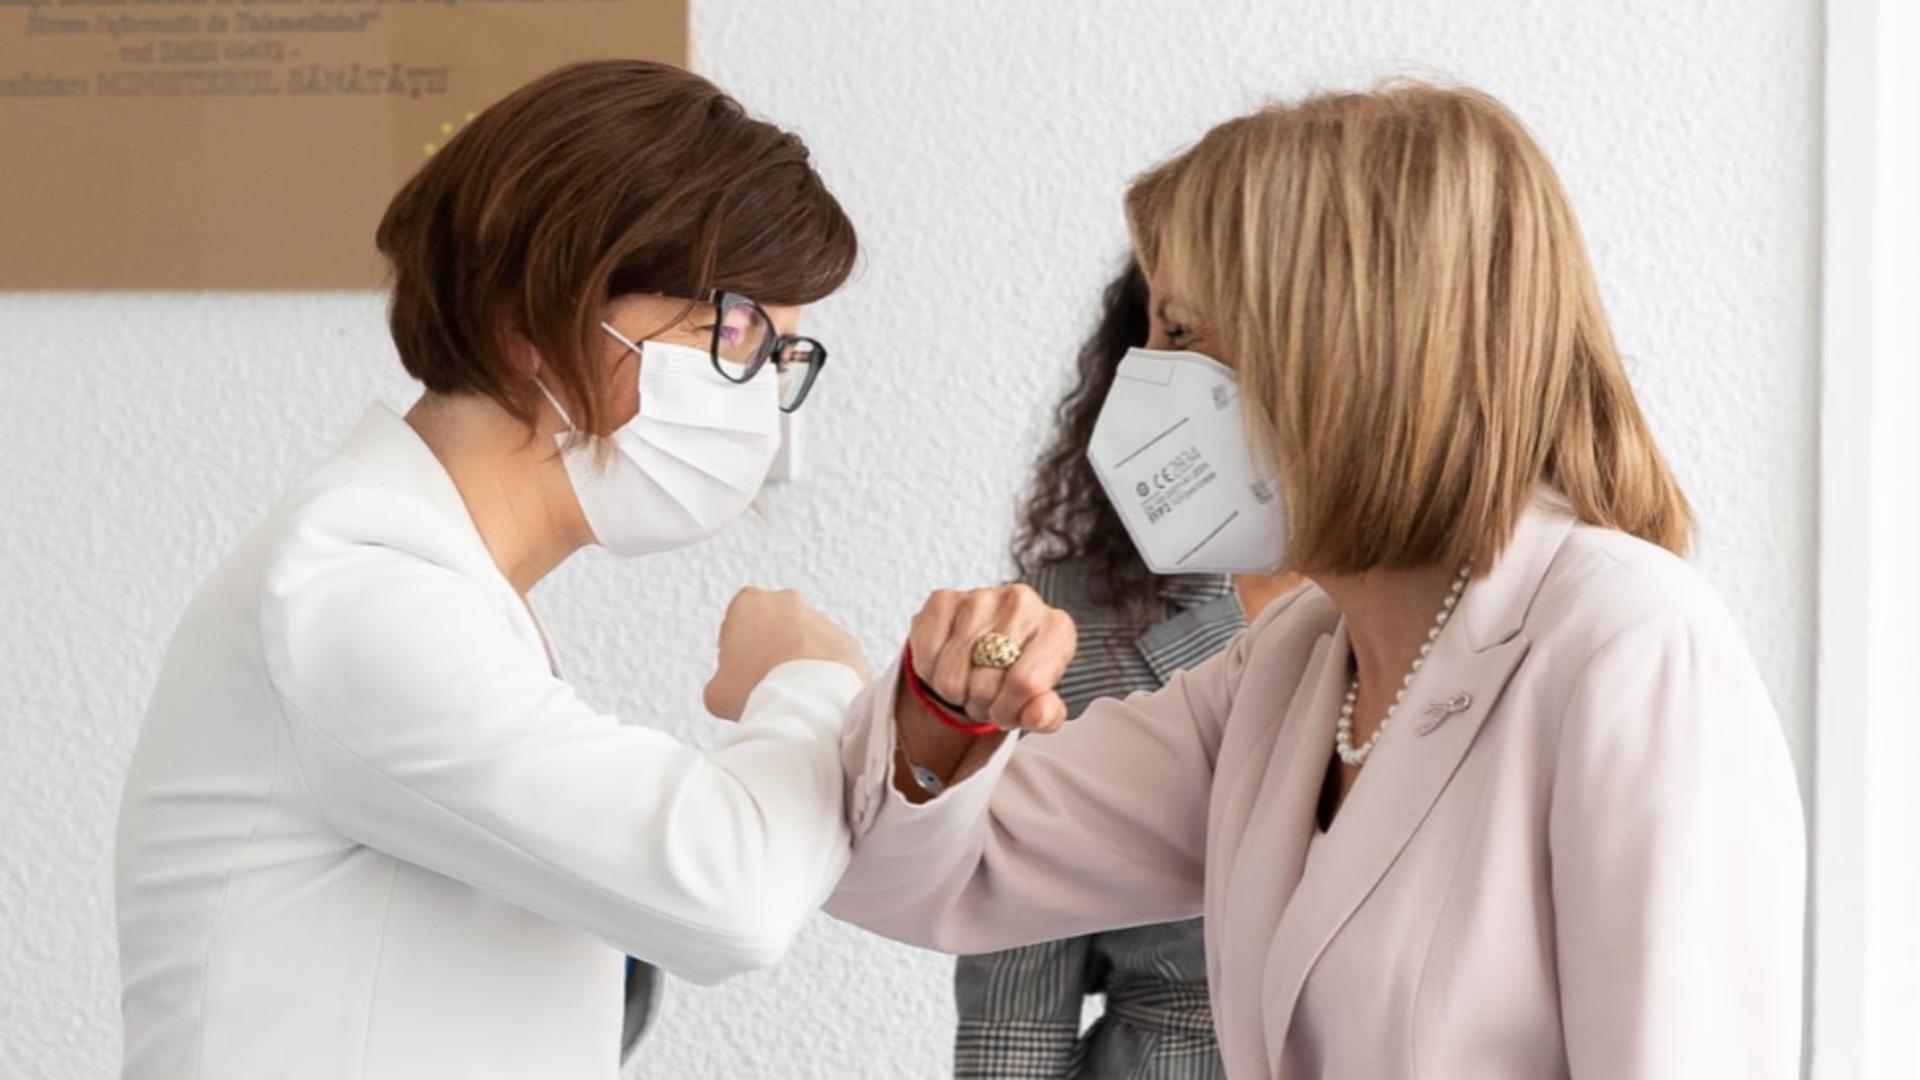 Ioana Mihăilă și Stella Kyriakides. Foto: captură Facebook Ministerul Sănătății